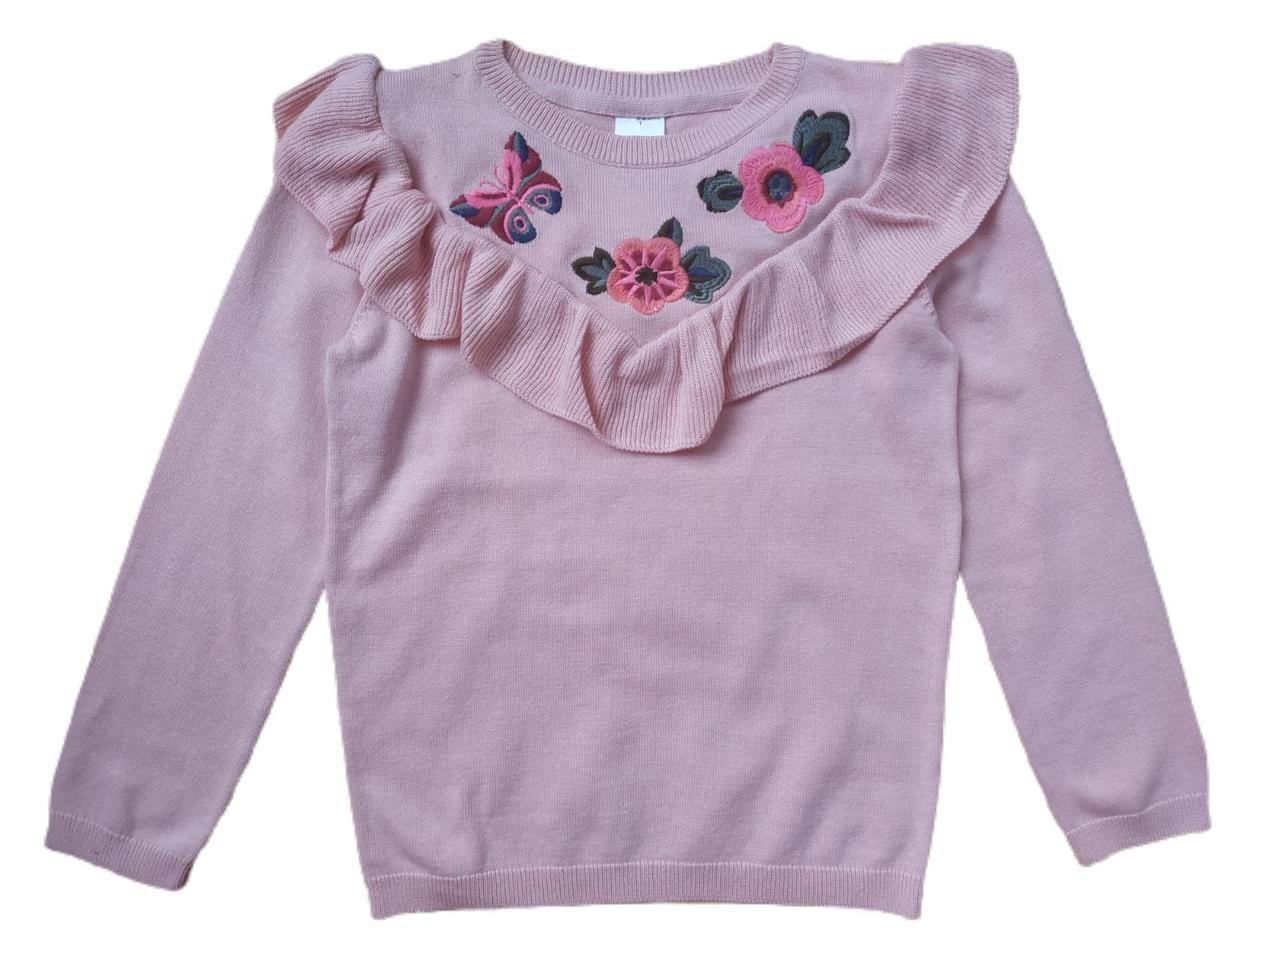 Свитер с вышивкой для девочки 6-7 лет C&A Германия Размер 122